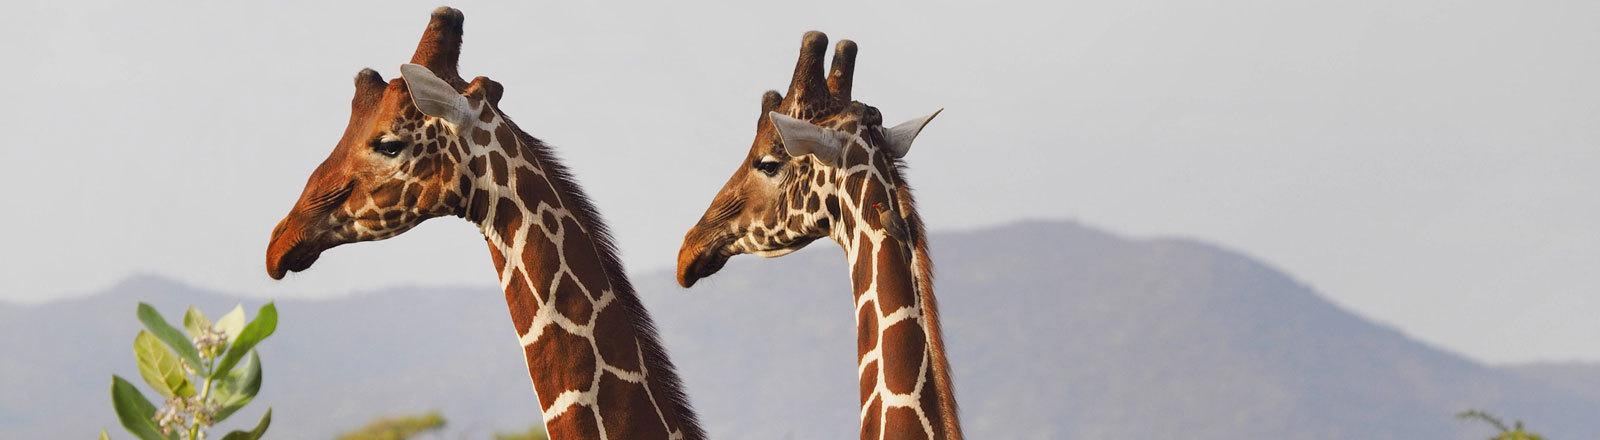 Giraffen in der Wildnis.